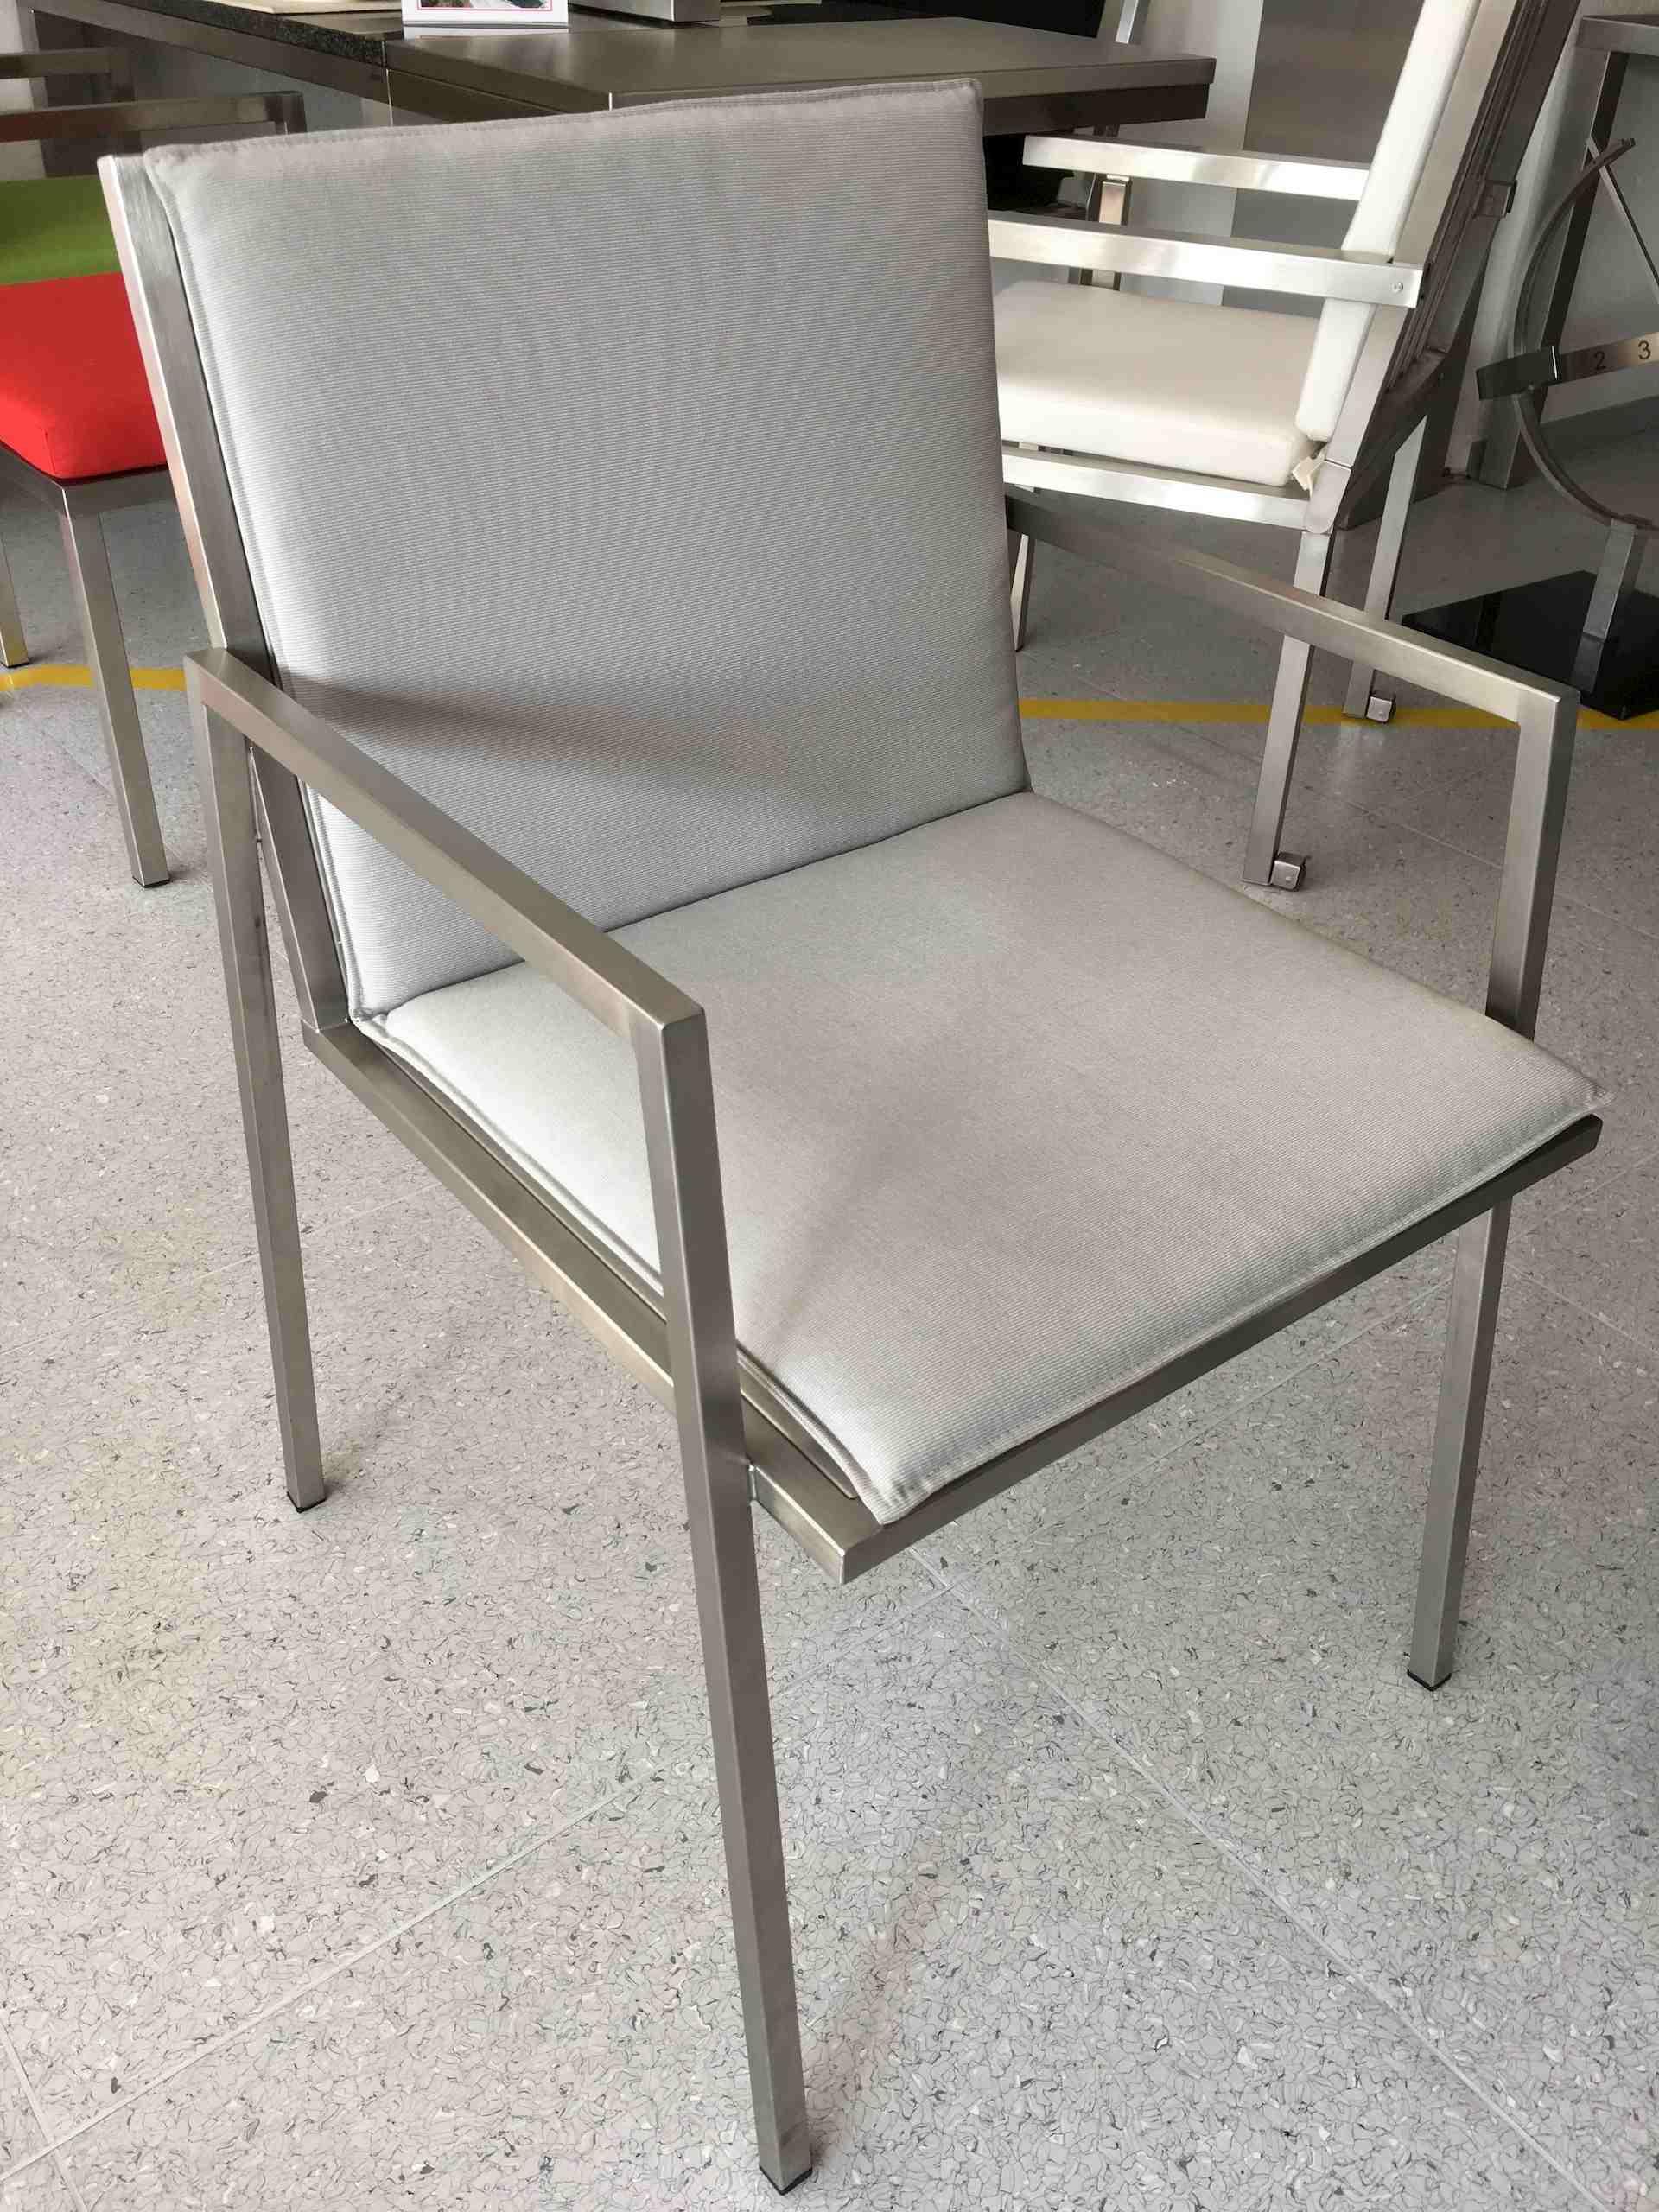 Full Size of Liegestuhl Bauhaus Auflage Holz Relax Garten Kaufen Klapp Klappbar Kinder Balkon Polster Stapelstuhl 204 Textil Fenster Wohnzimmer Liegestuhl Bauhaus